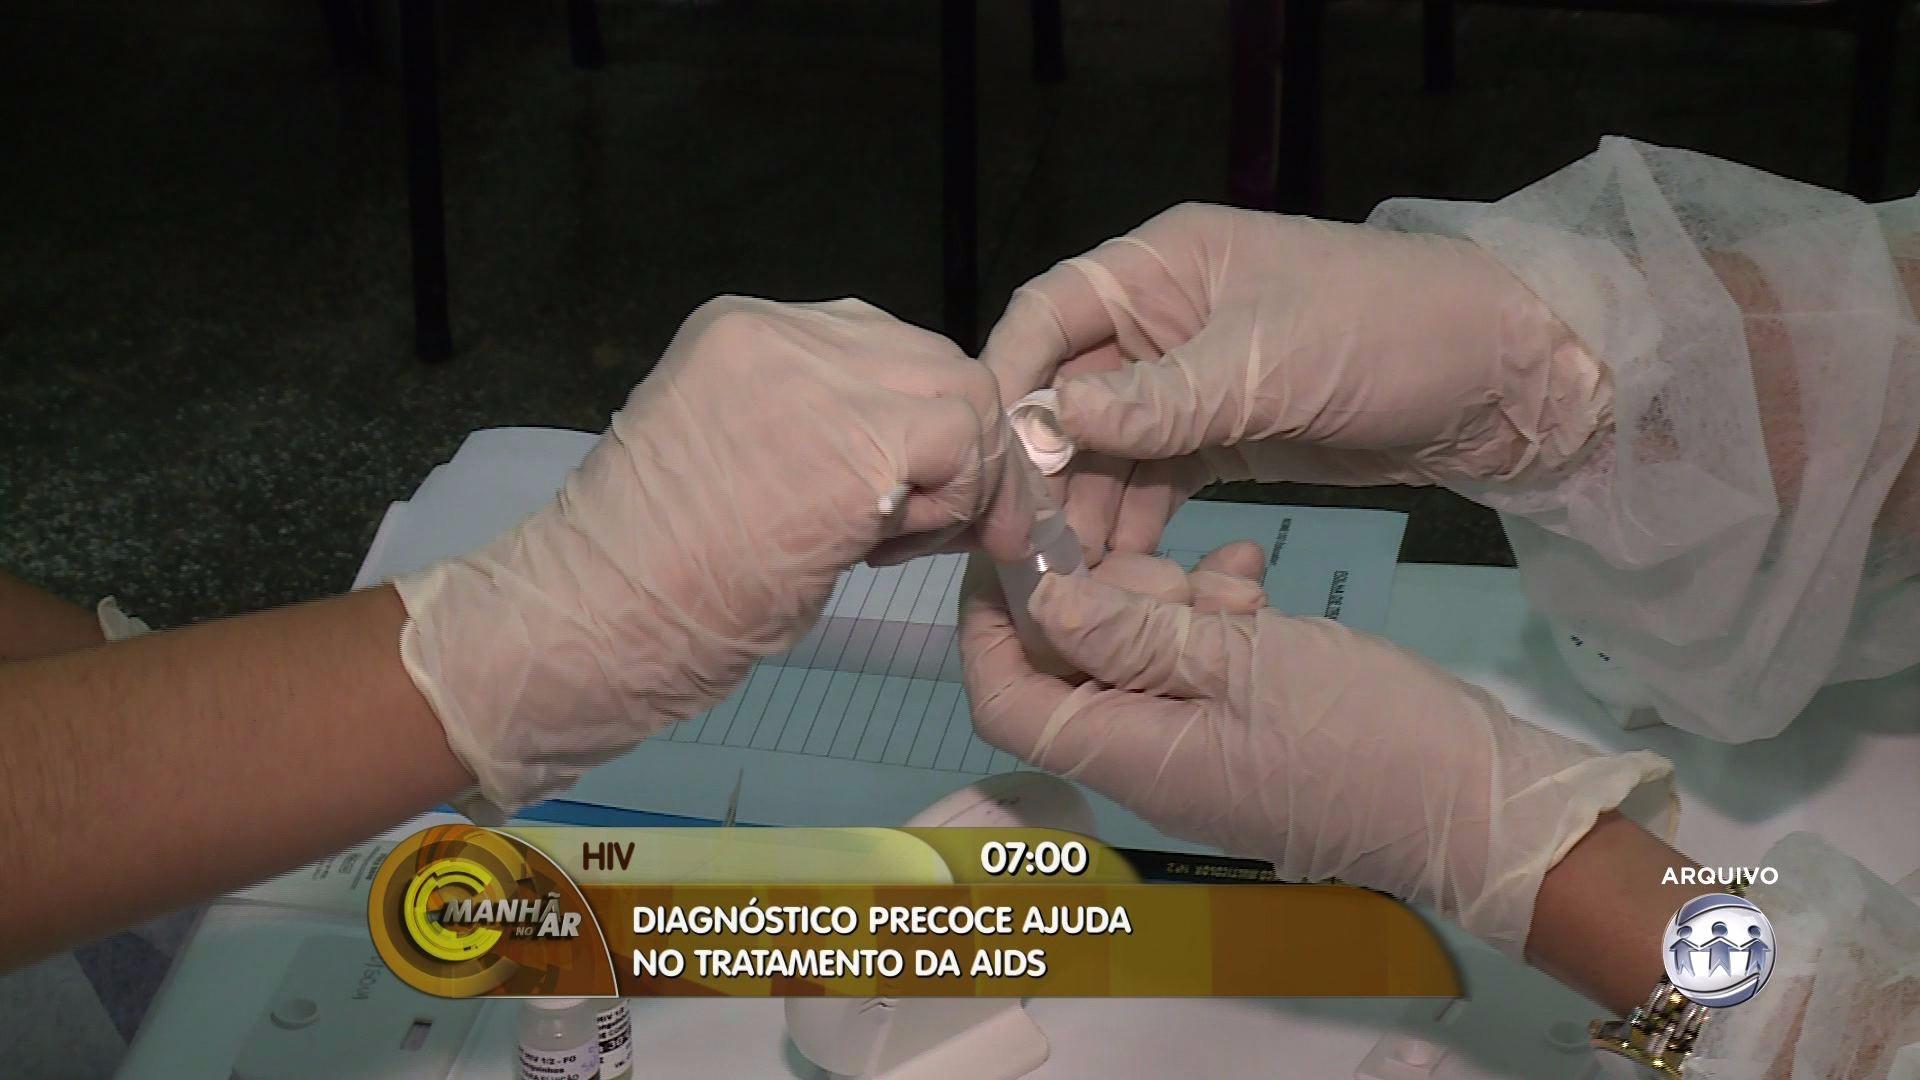 ALERTA: MANAUS É A 3ª CIDADE COM MAIS CASOS DE HIV - Manhã no Ar 30/03/17